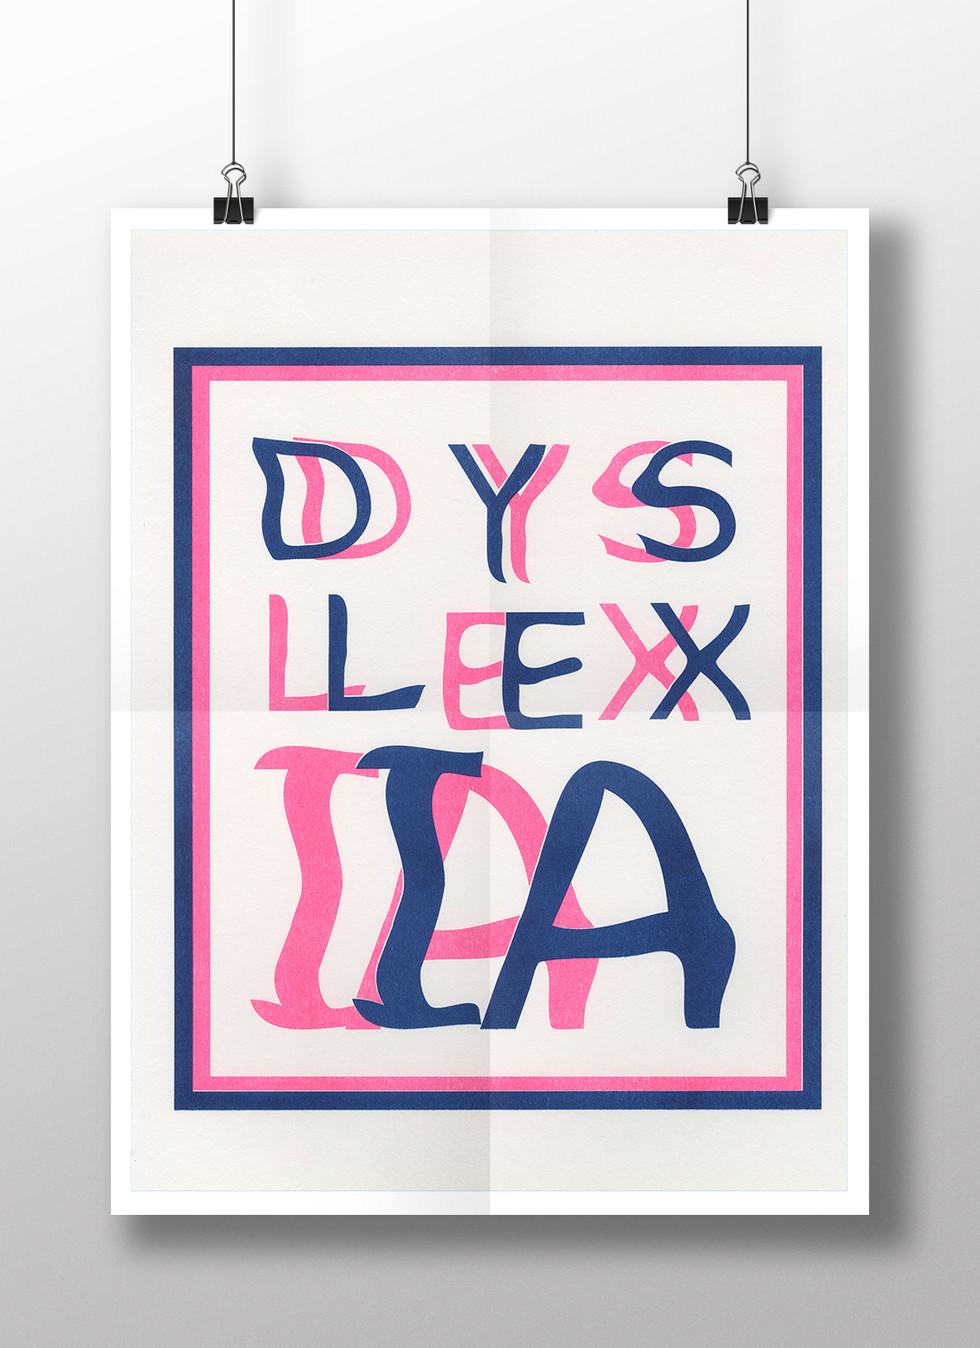 dys 1.jpg